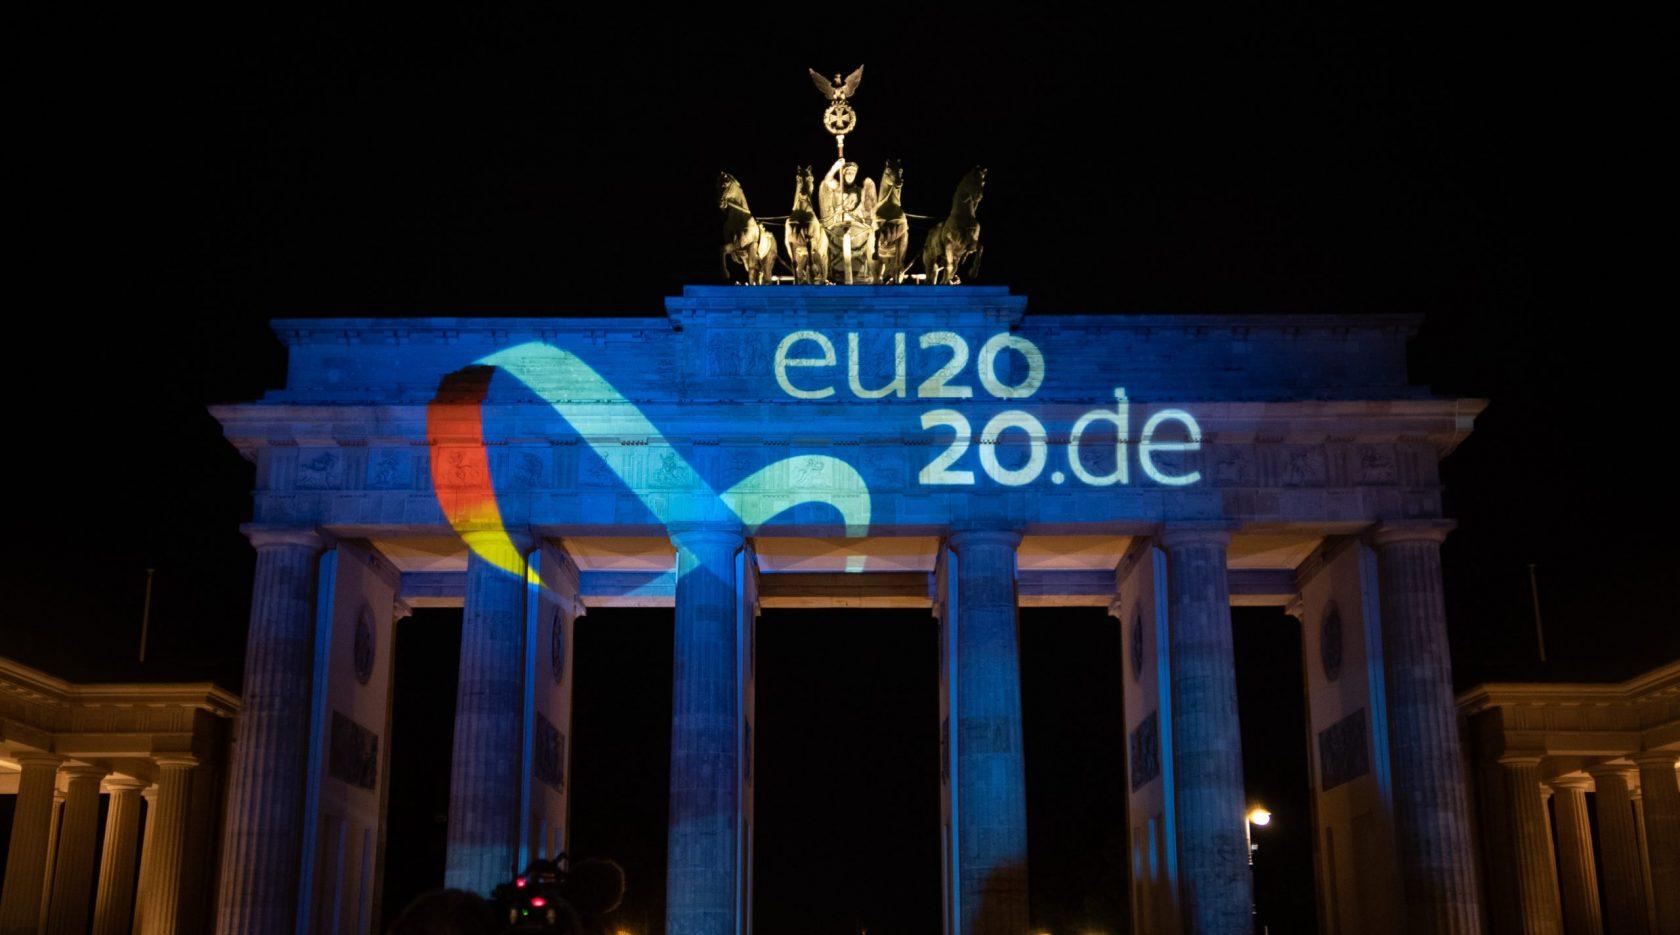 ZUP_Bundespresseamt_resorb+zup-22